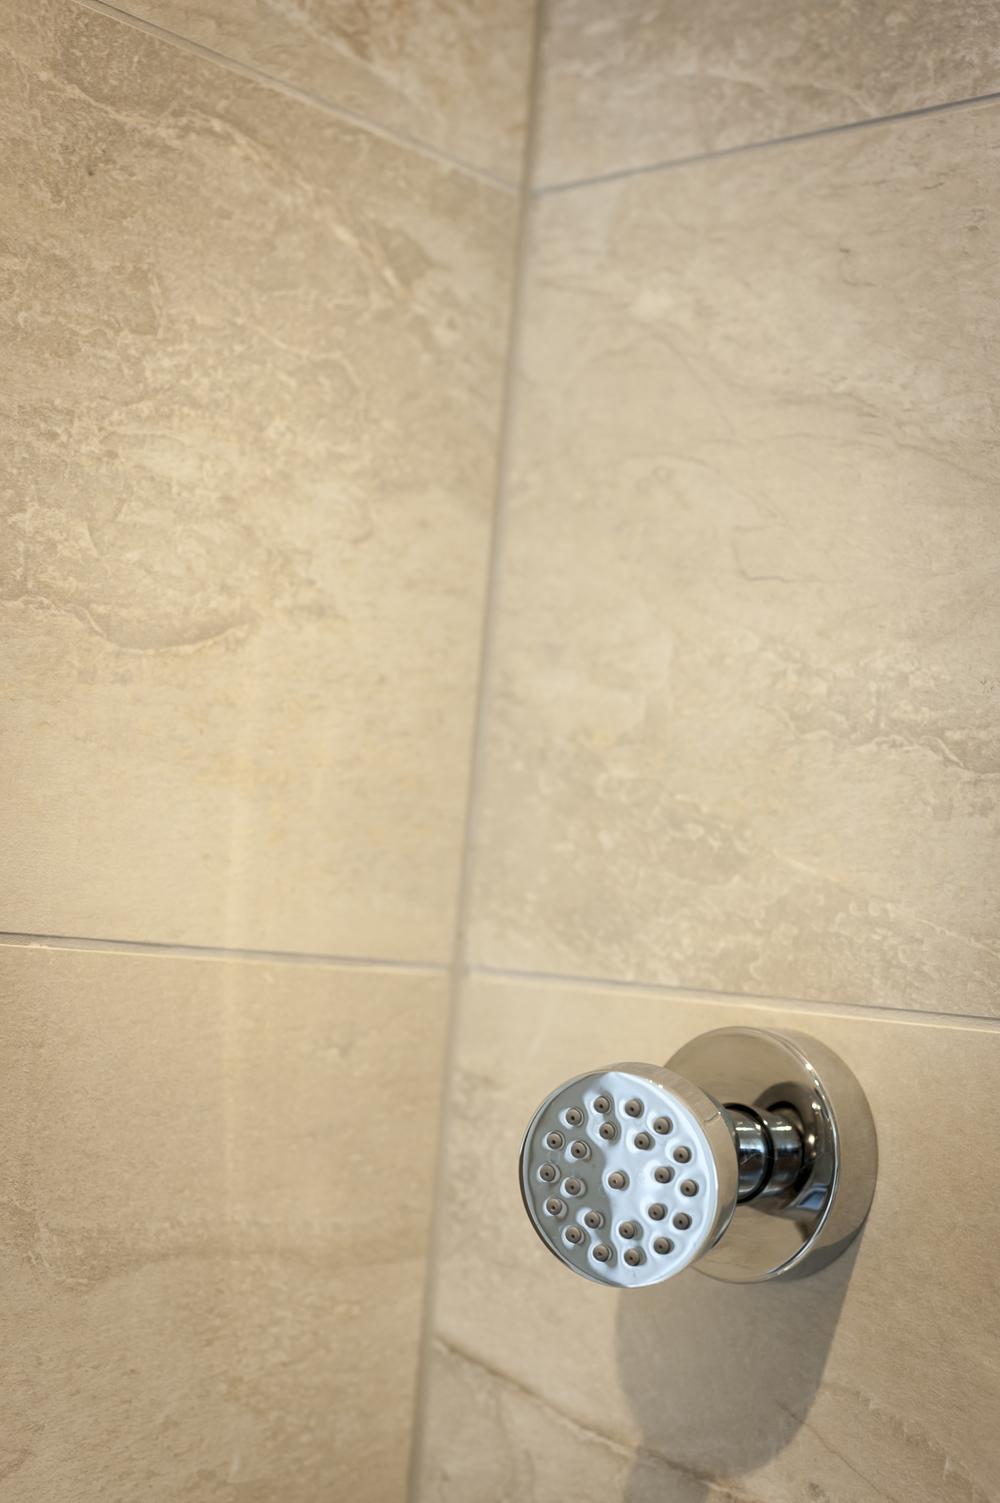 Body Jet against Limestone Tiles